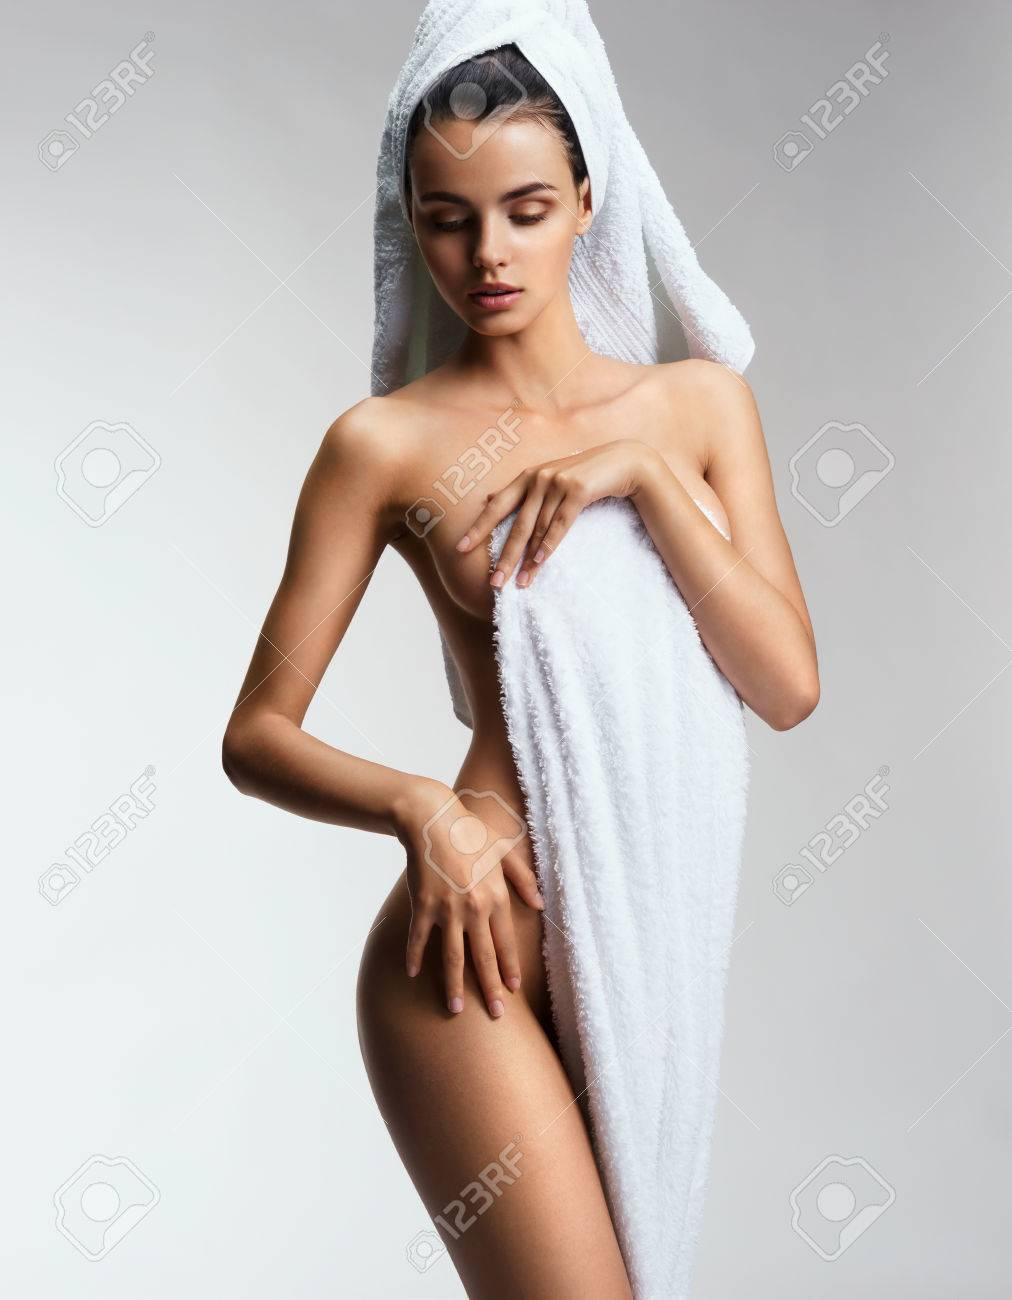 Mädchen zeigt ihren Körper